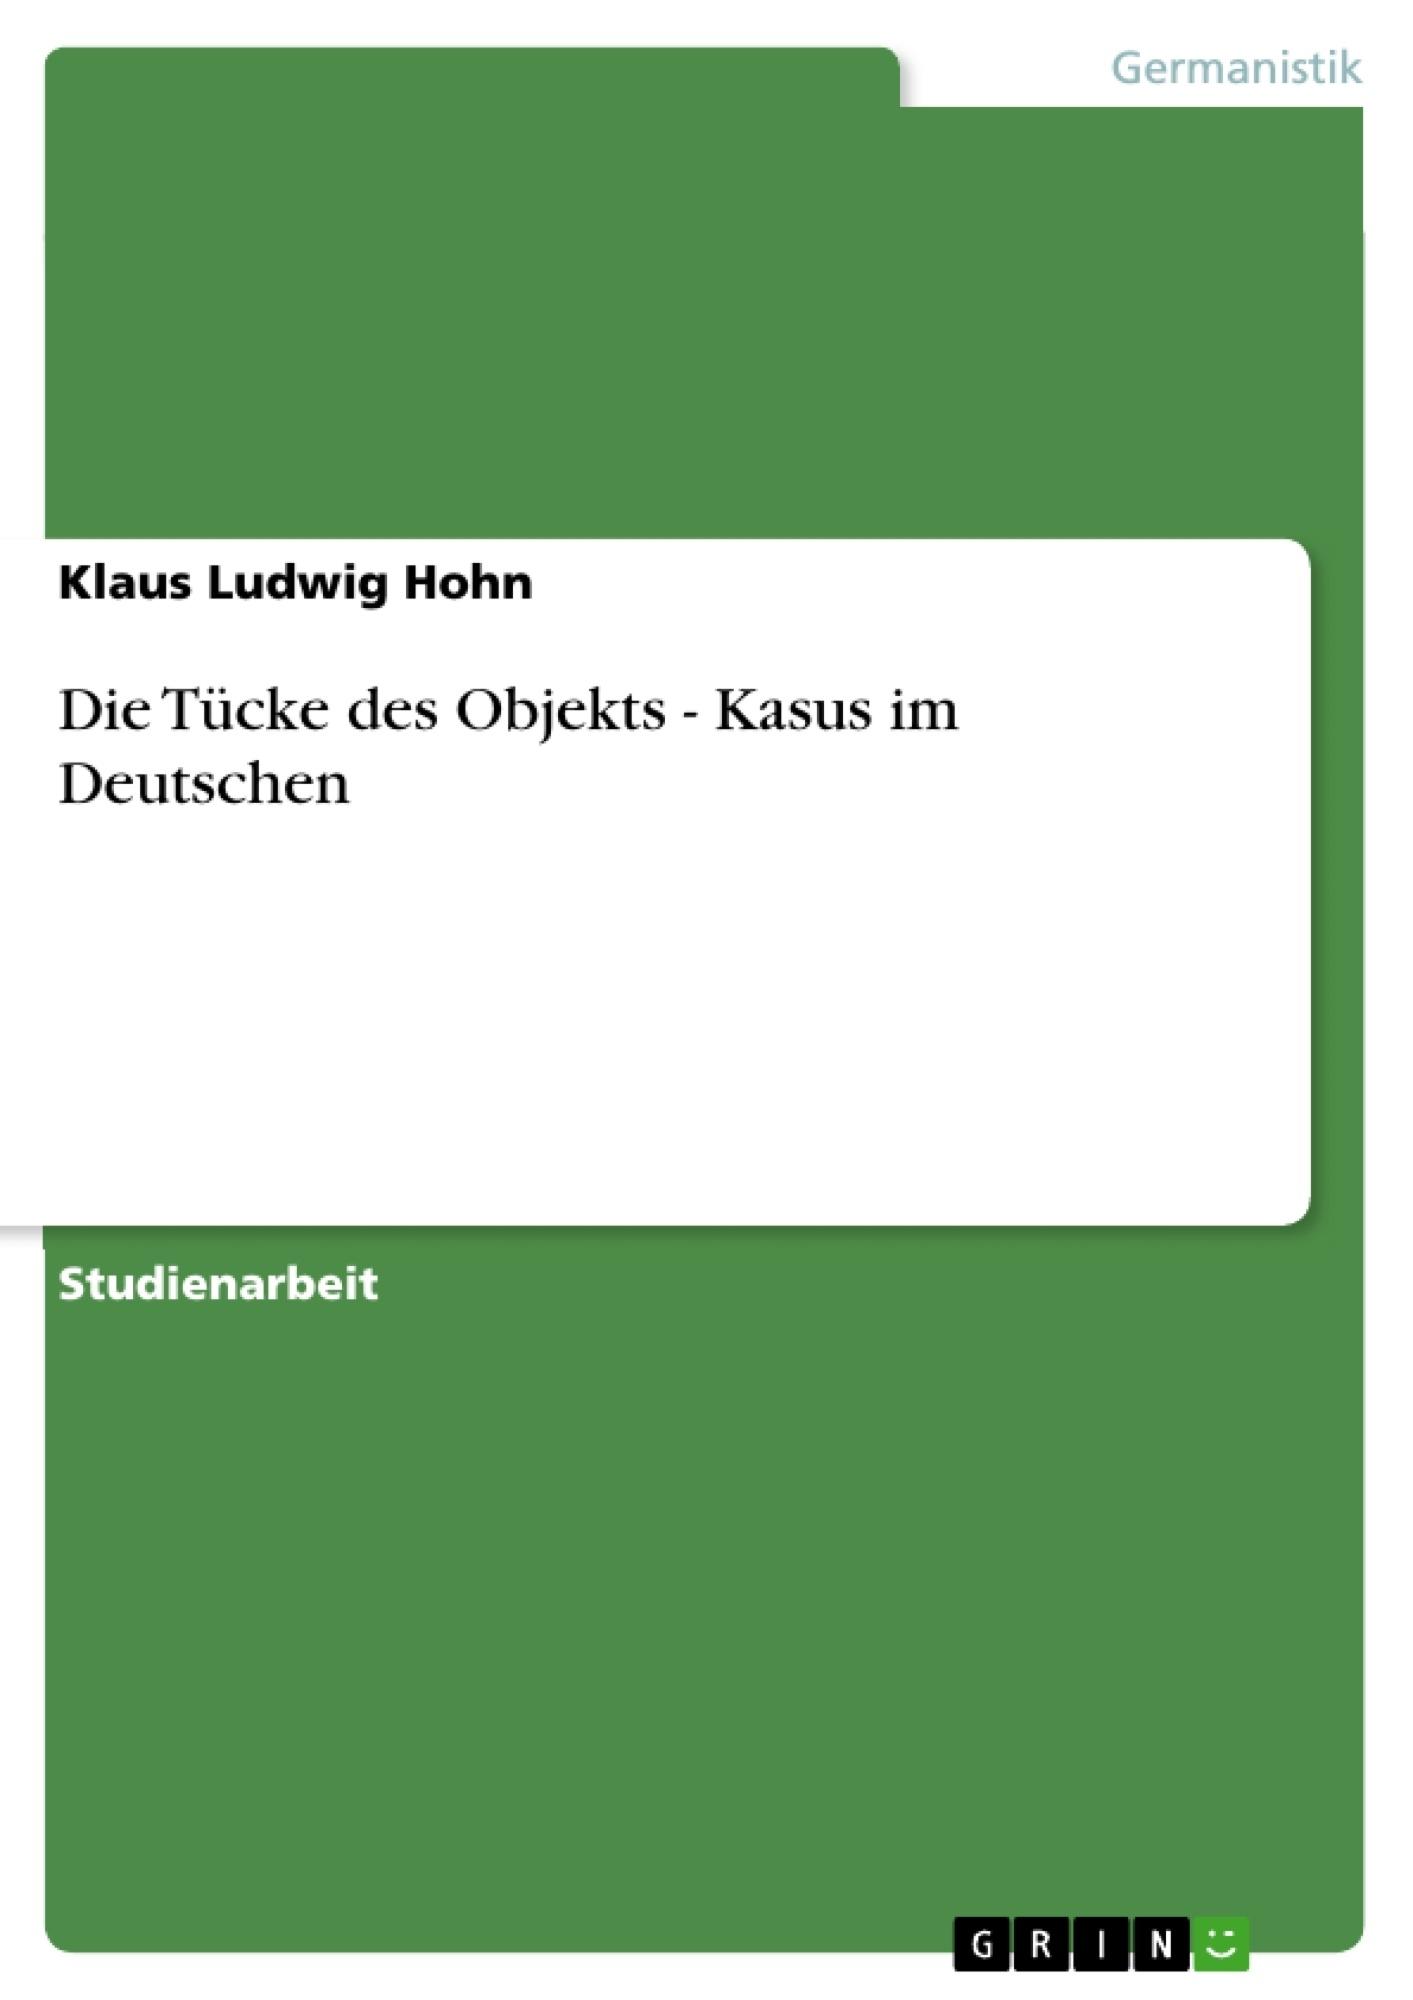 Die Tücke des Objekts - Kasus im Deutschen | Masterarbeit ...